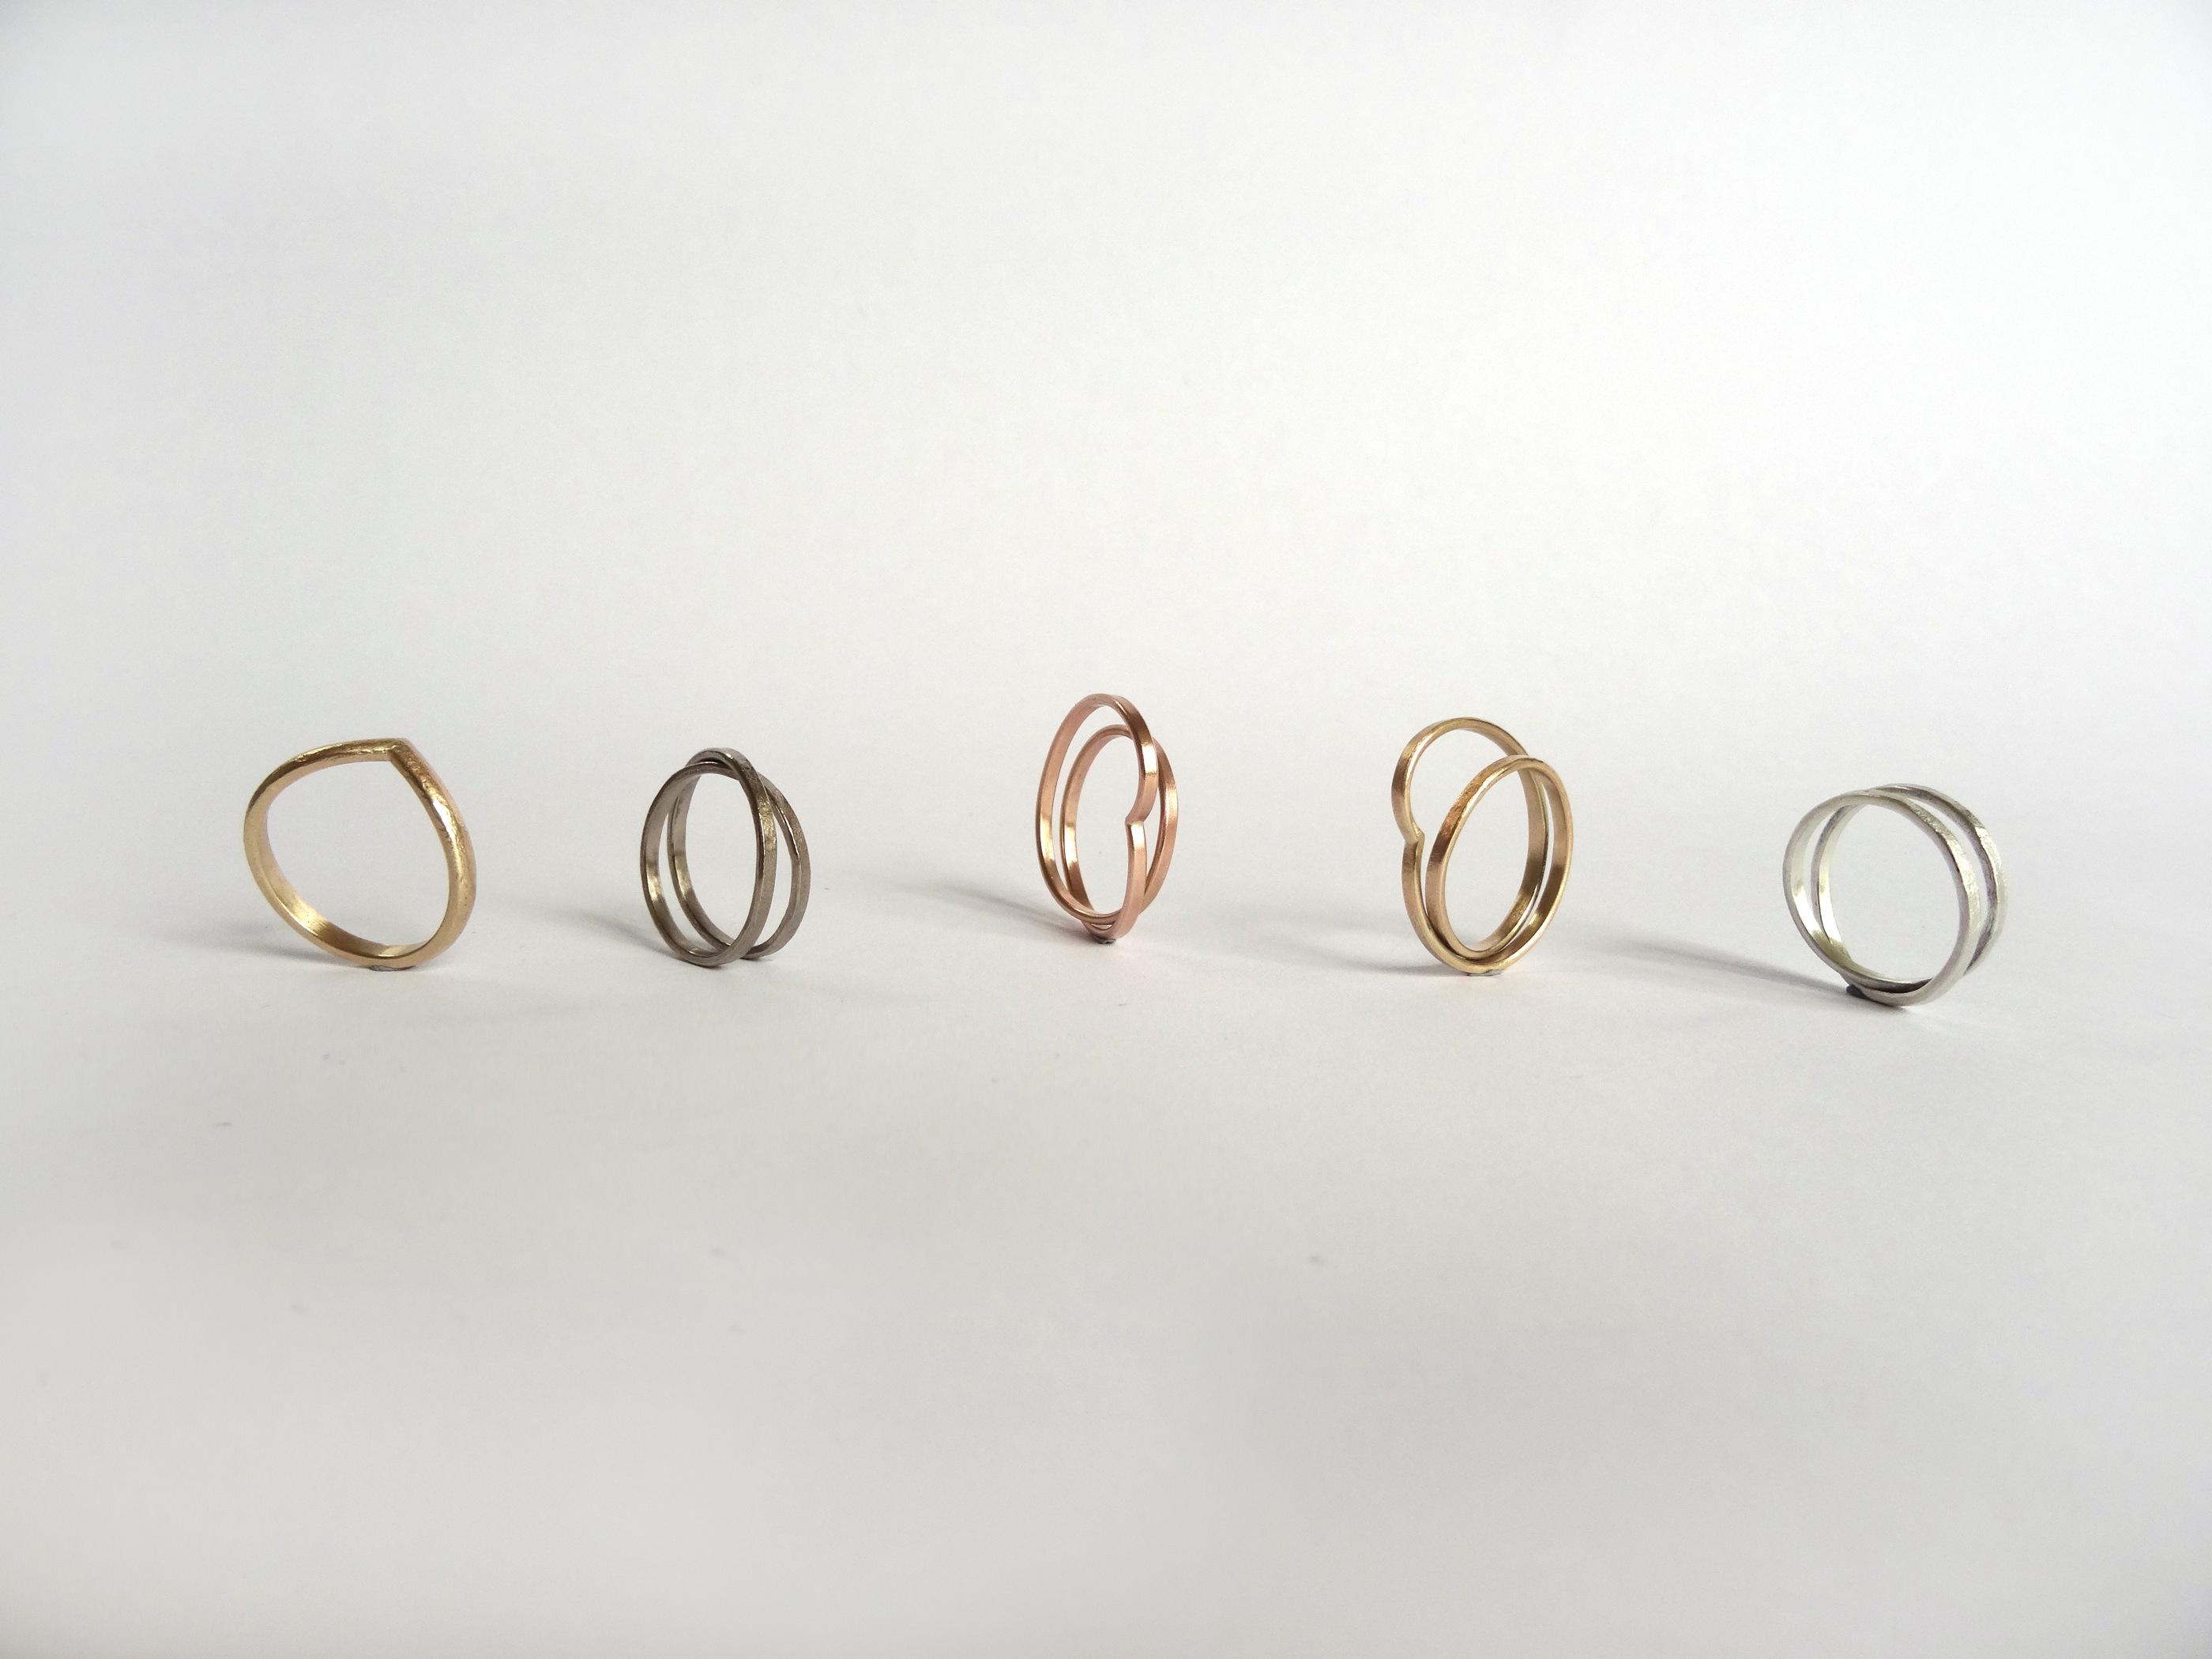 6 rings 2